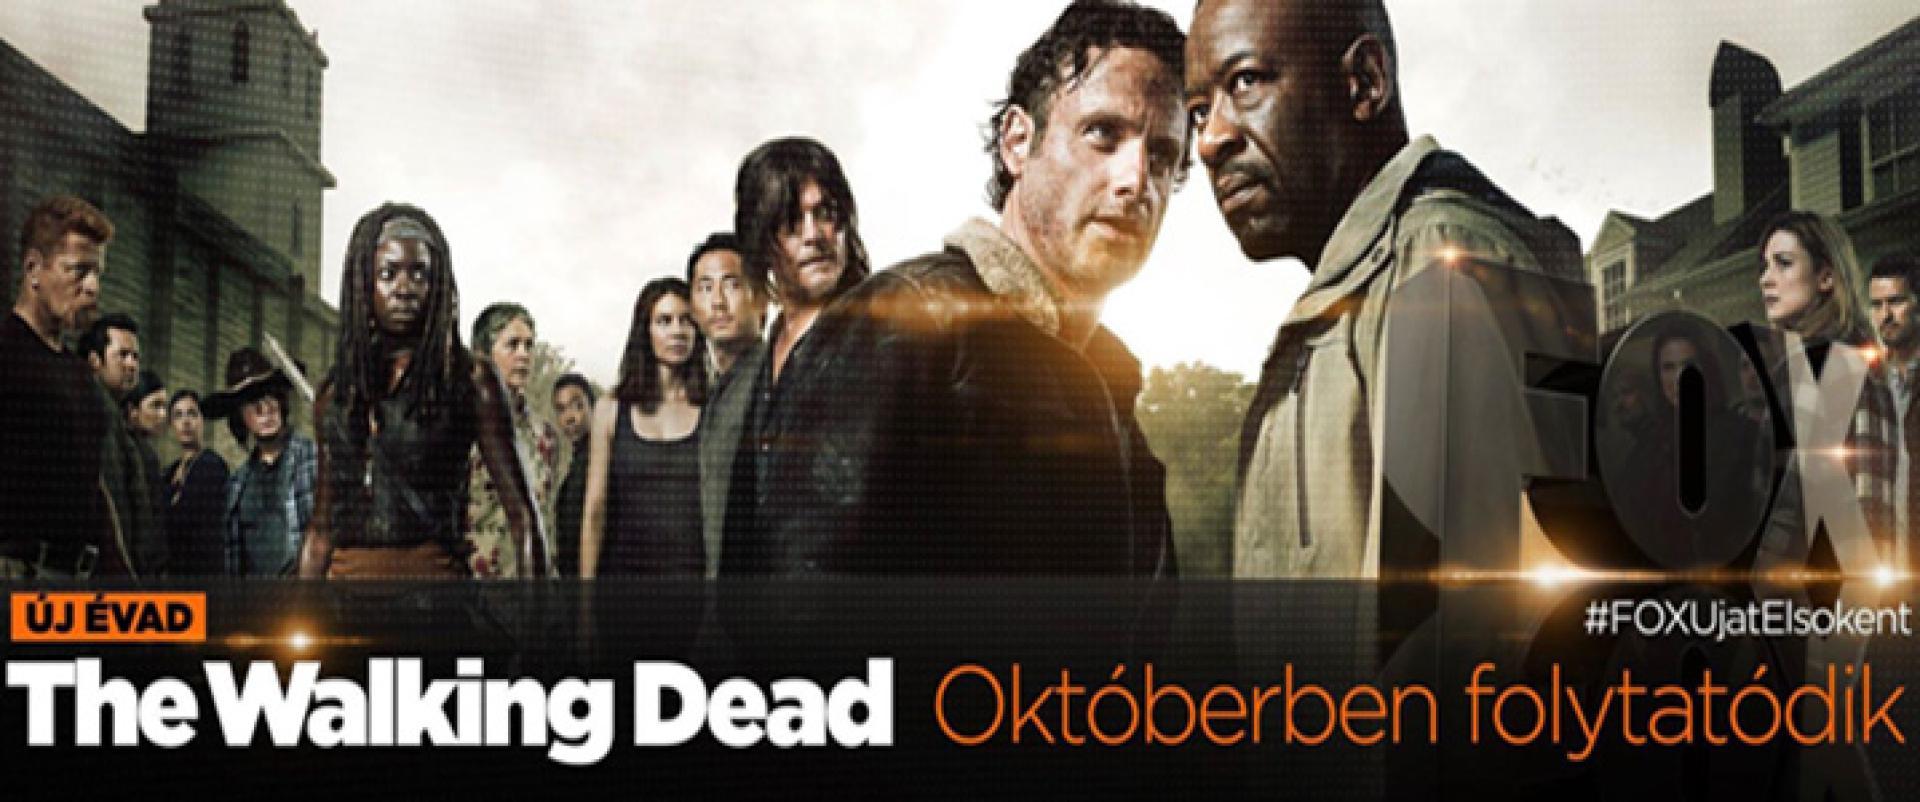 The Walking Dead: új előzetes